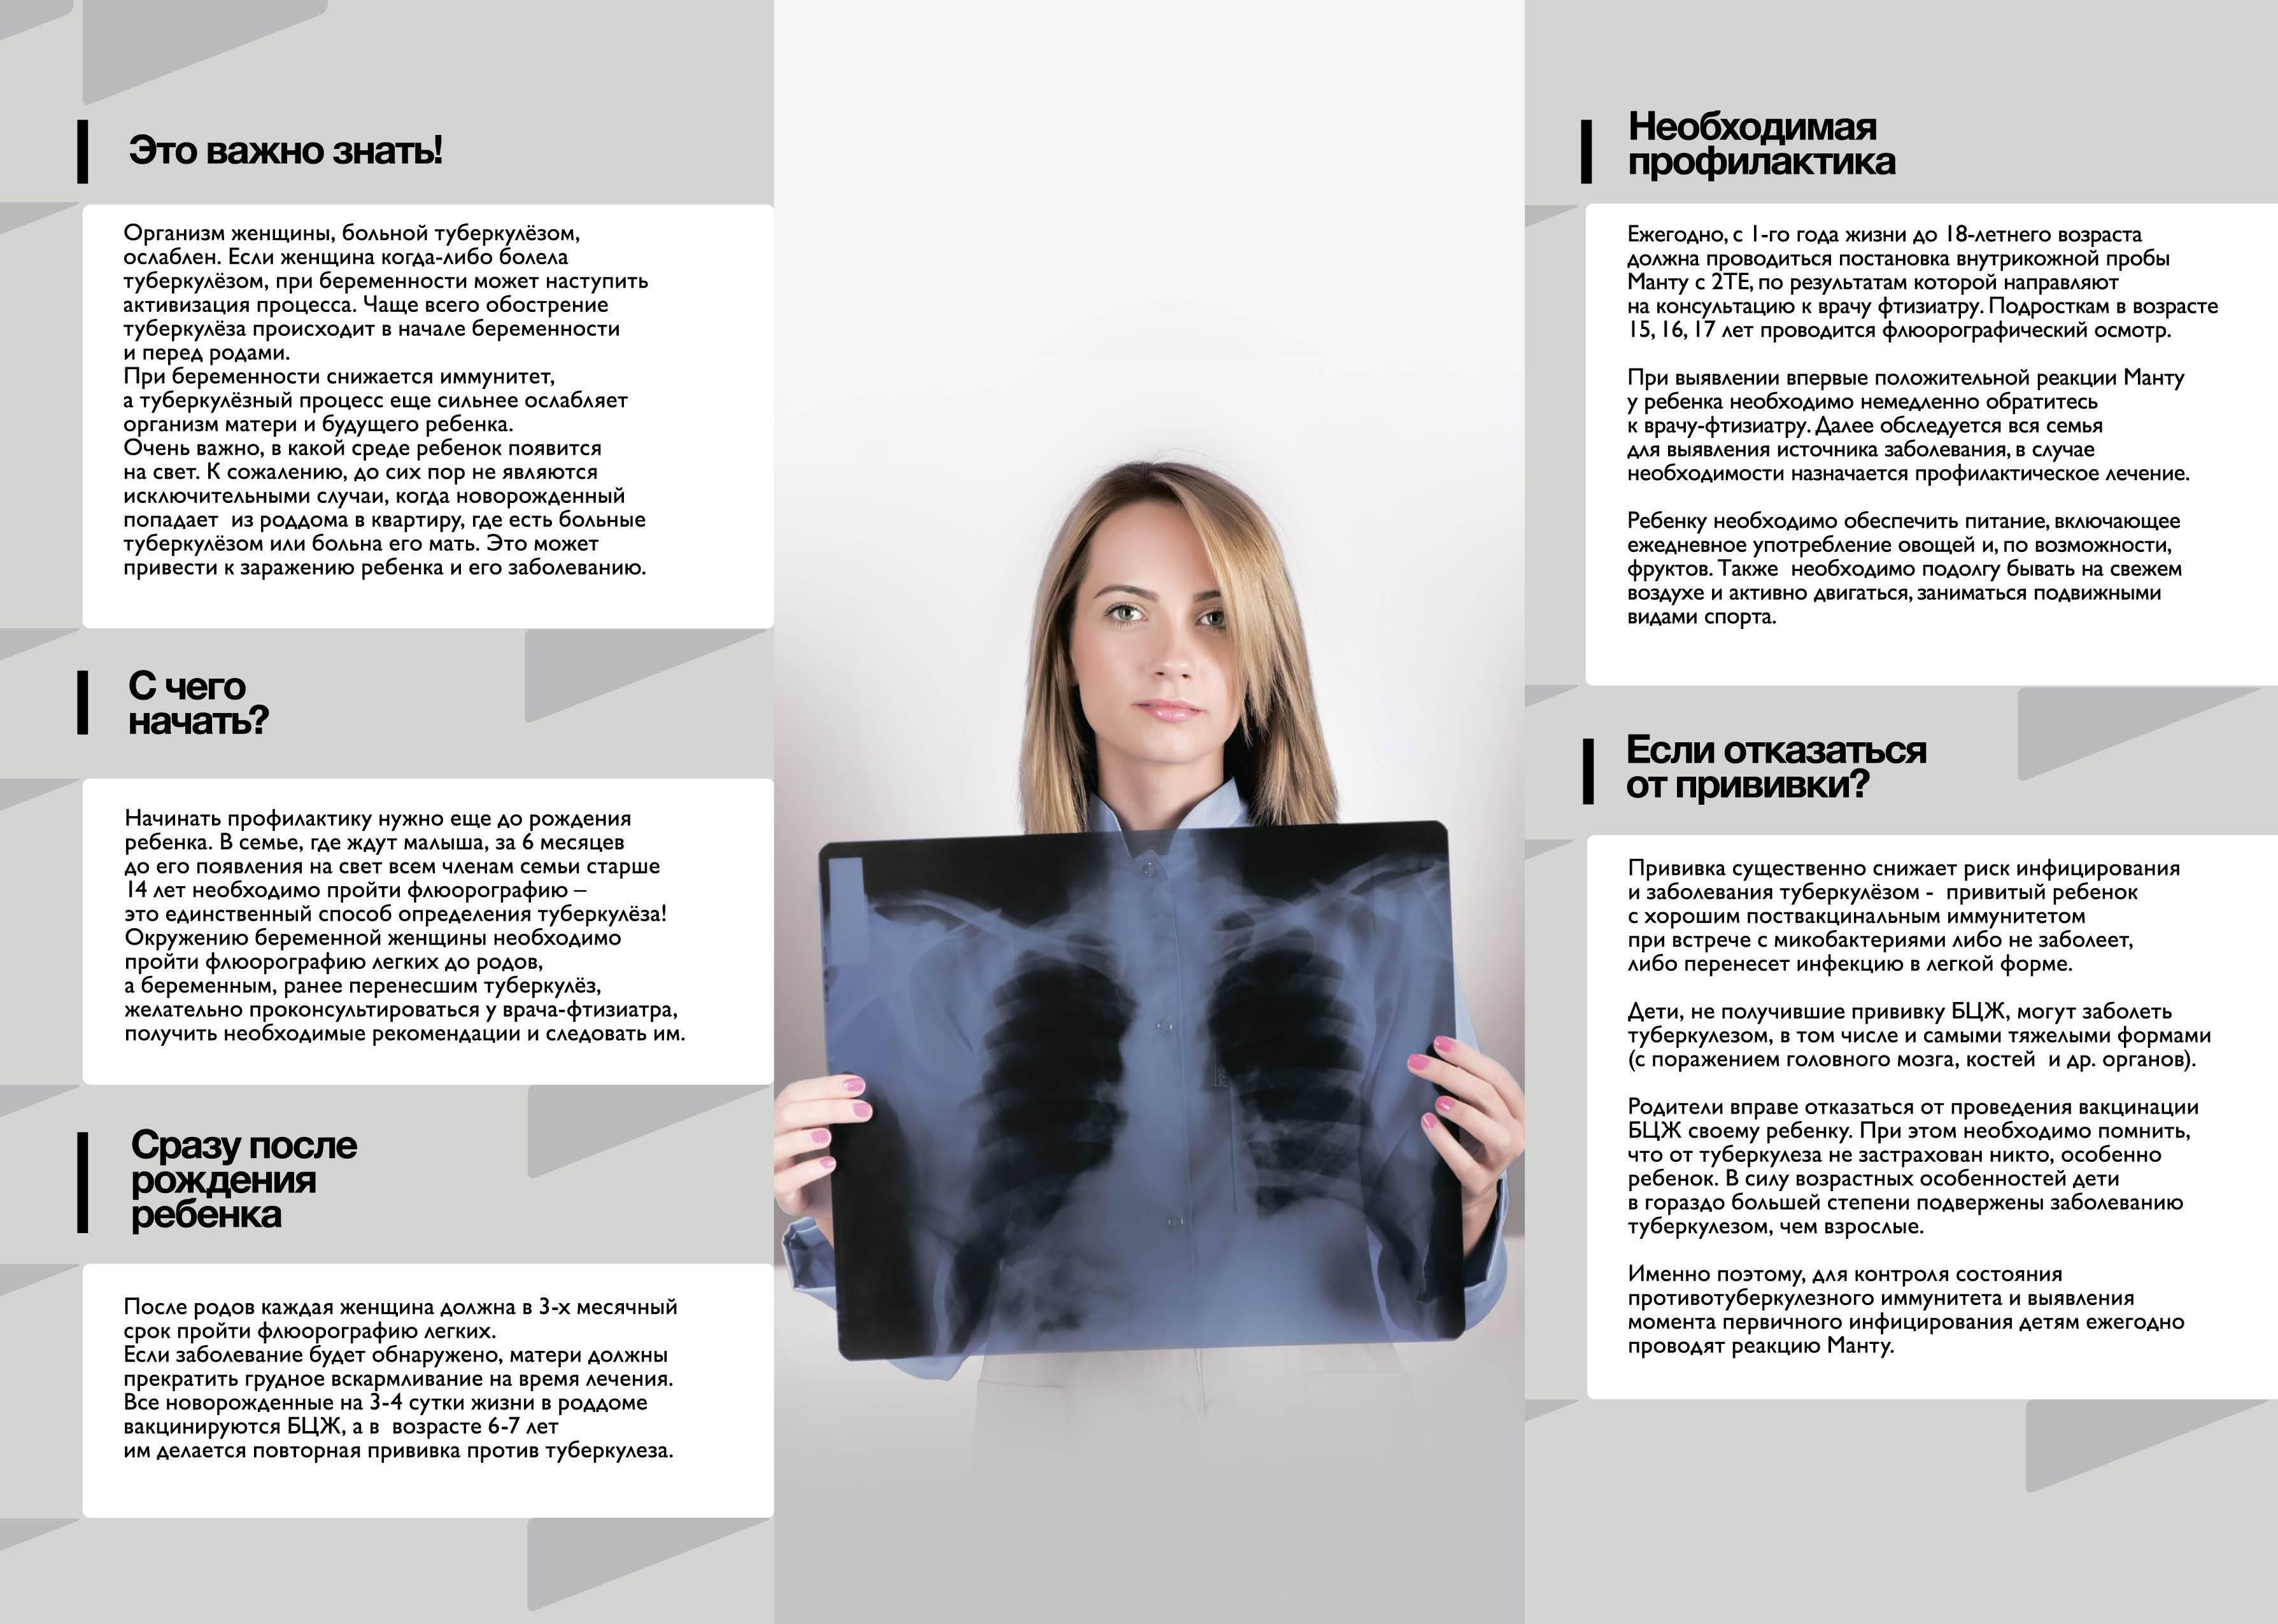 Профилактика и предупреждение туберкулеза у детей и подростков